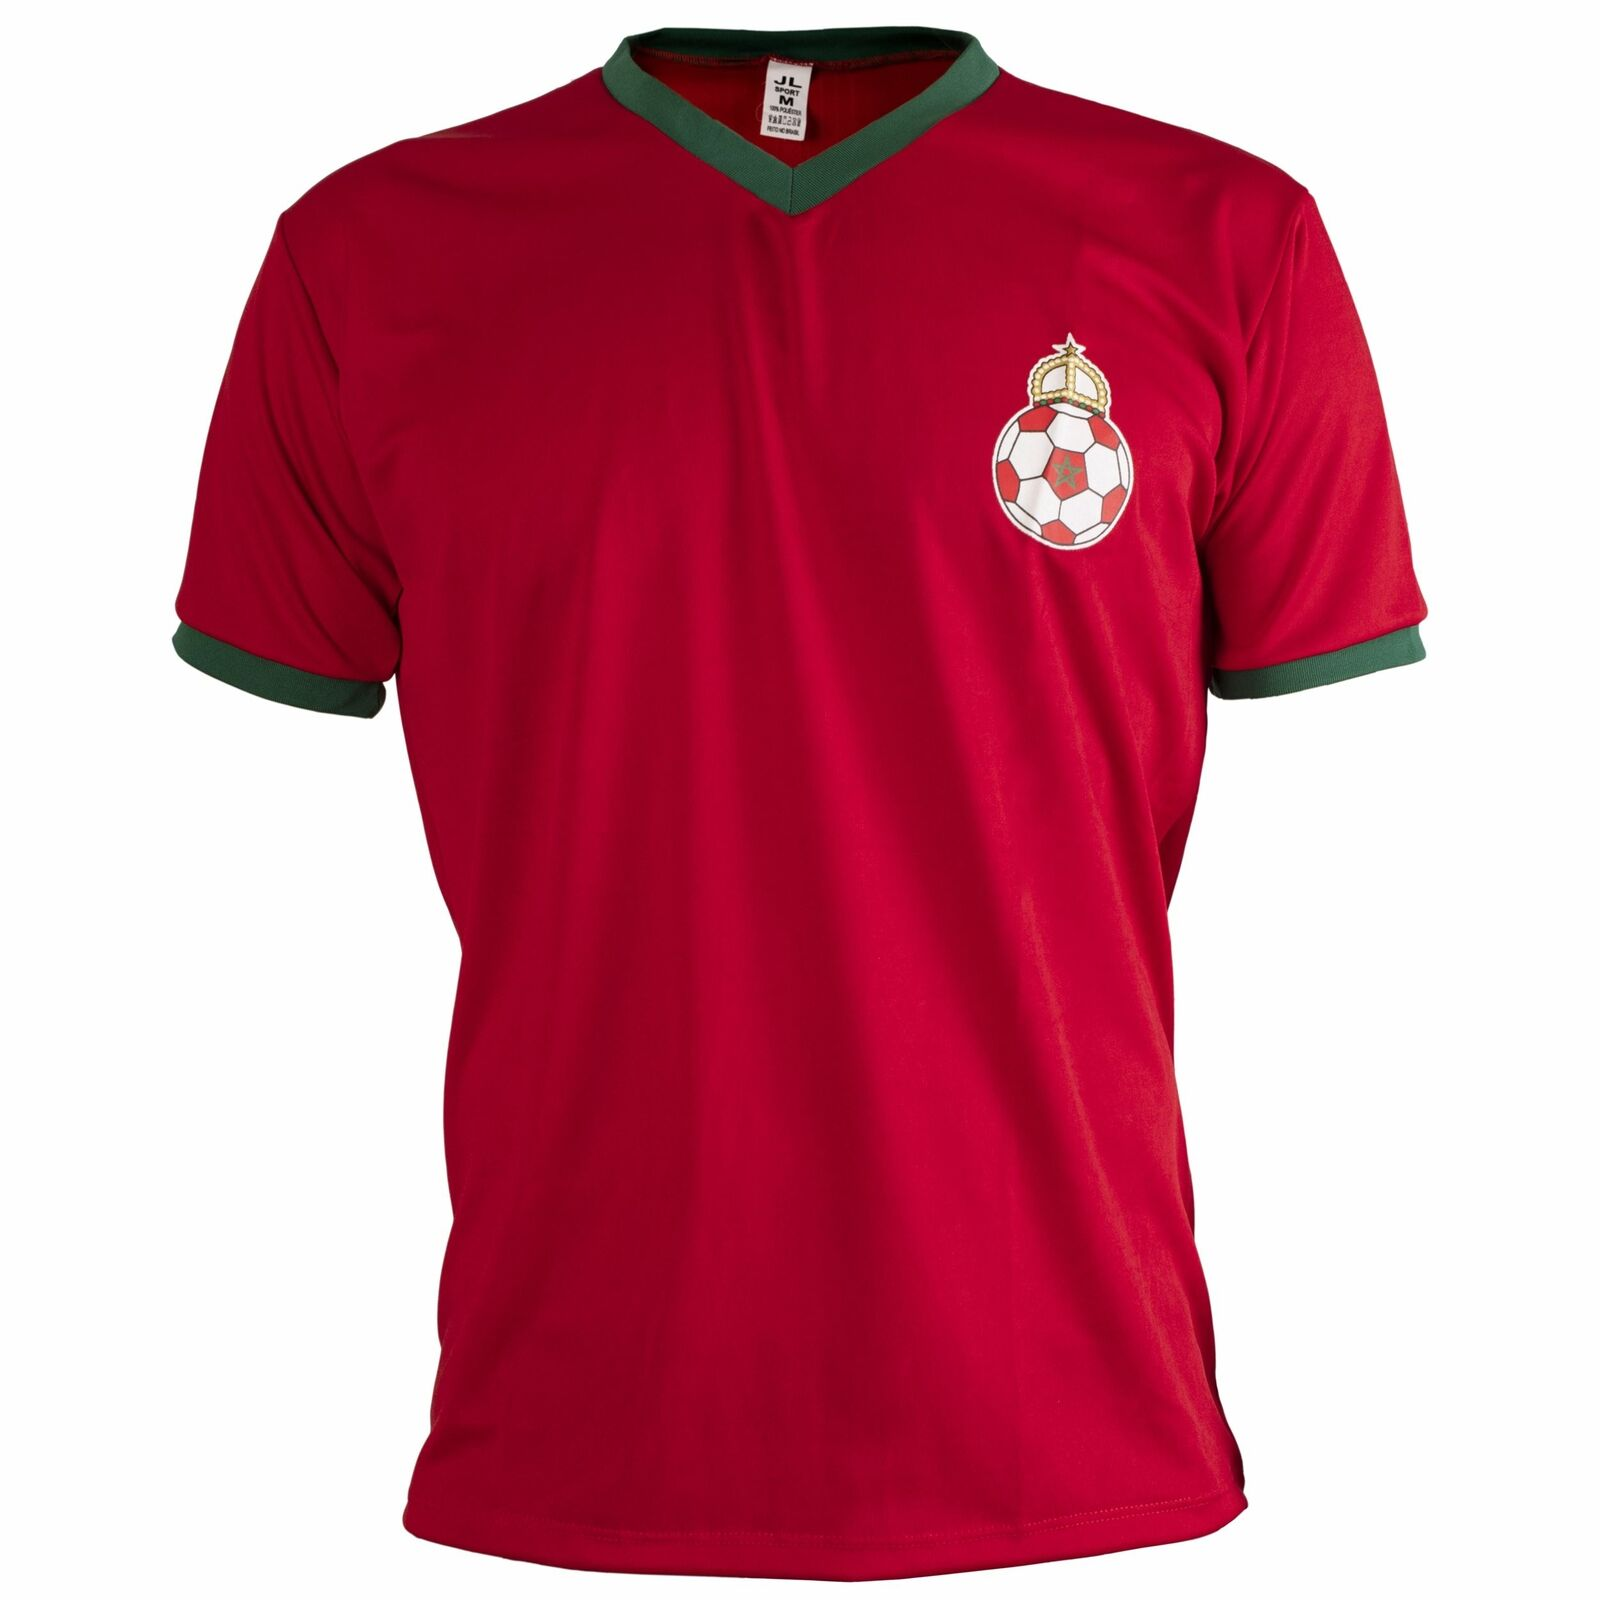 Marokko Hemd Retro Fußball Kurzärmelig Herren Herren Herren Top f15a3c